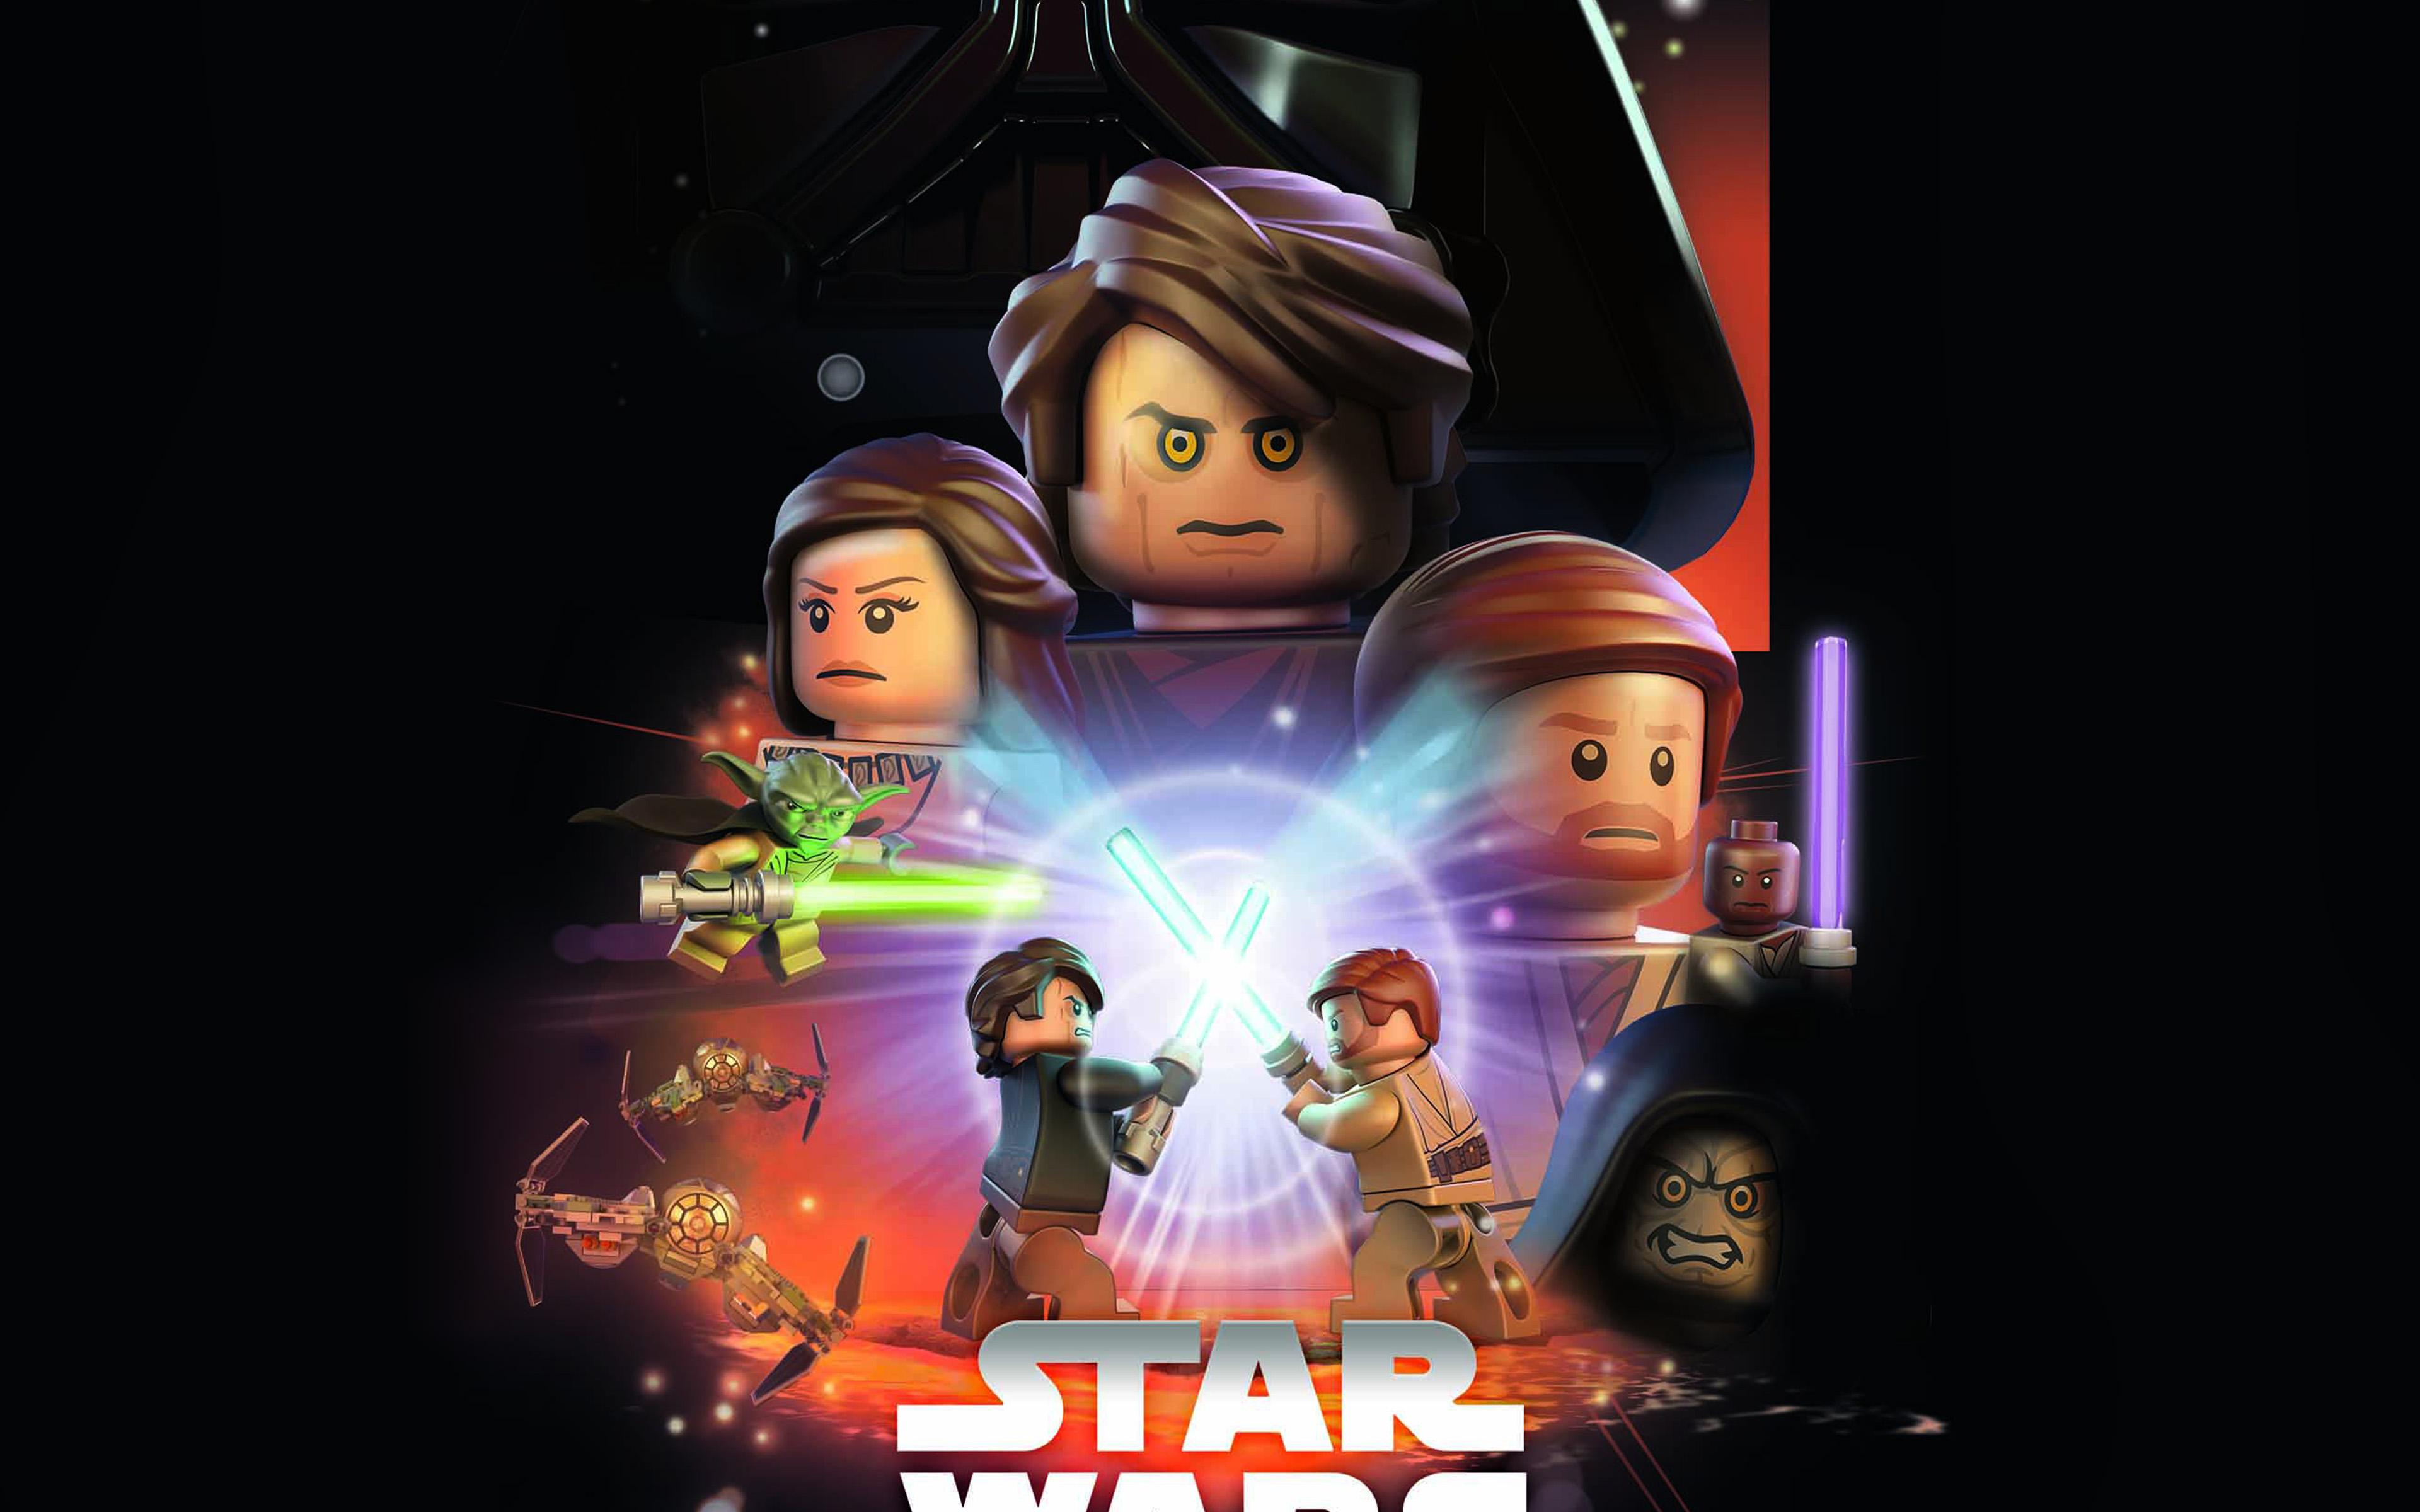 Wallpaper For Desktop Laptop Ap22 Starwars Lego Episode 3 Revenge Of The Sith Art Film